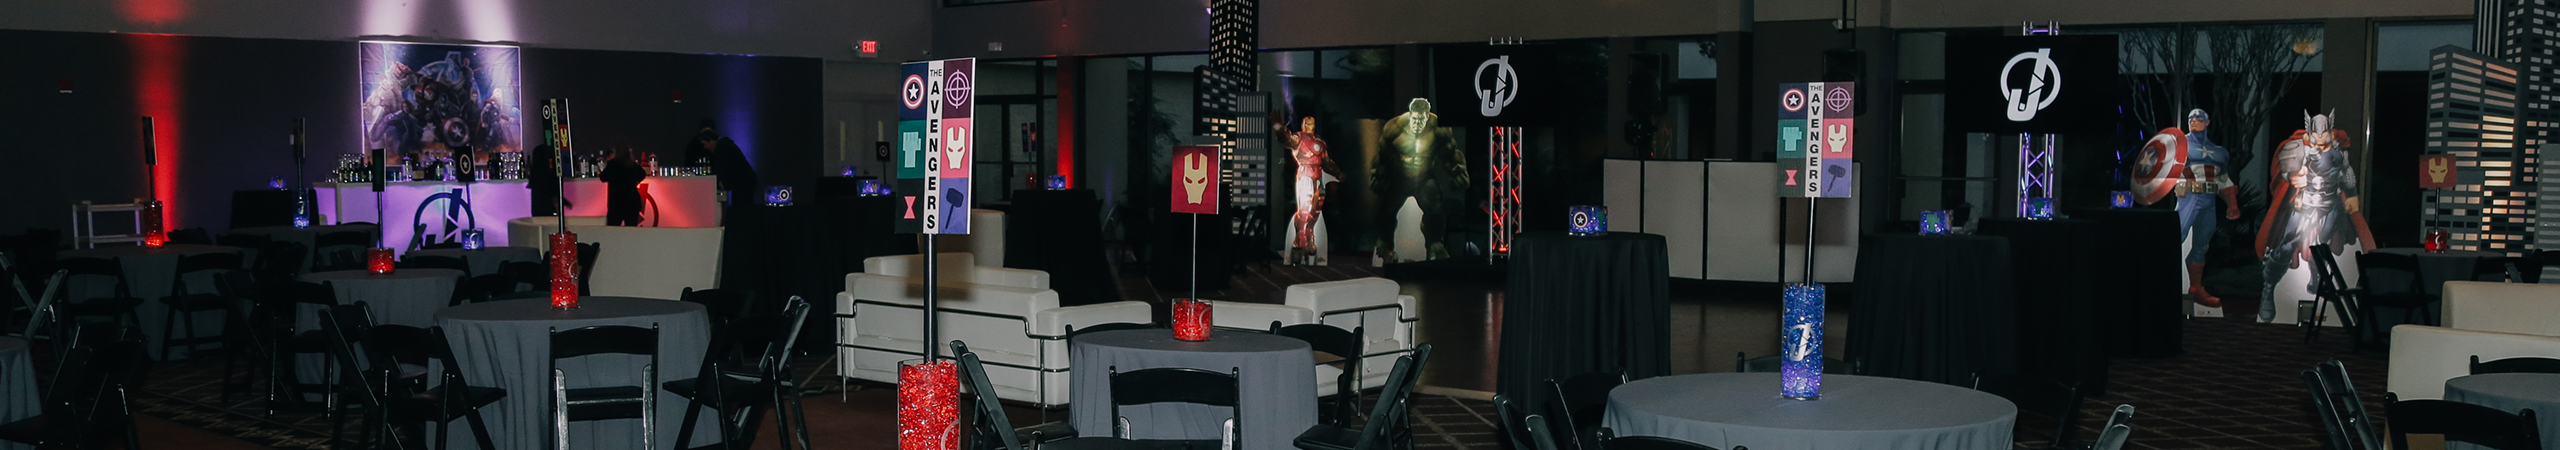 Avengers Bar Mitzvah